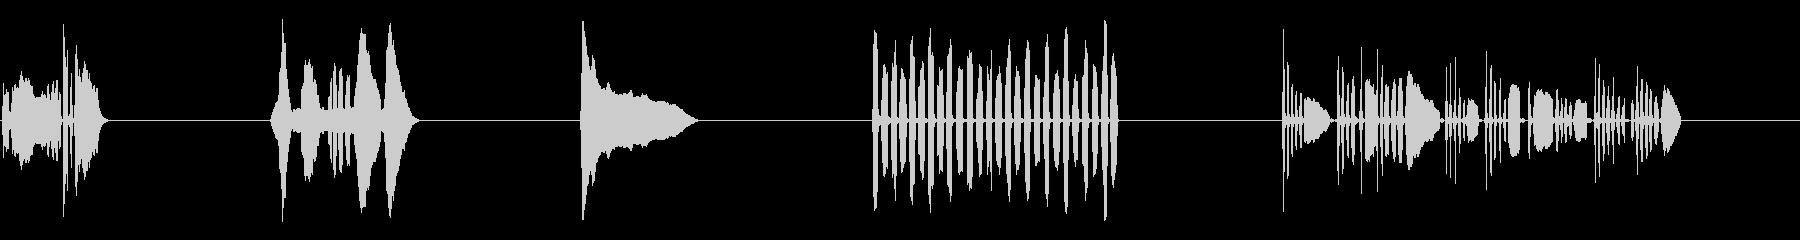 漫画-クレイジーキッド-5バージョンの未再生の波形